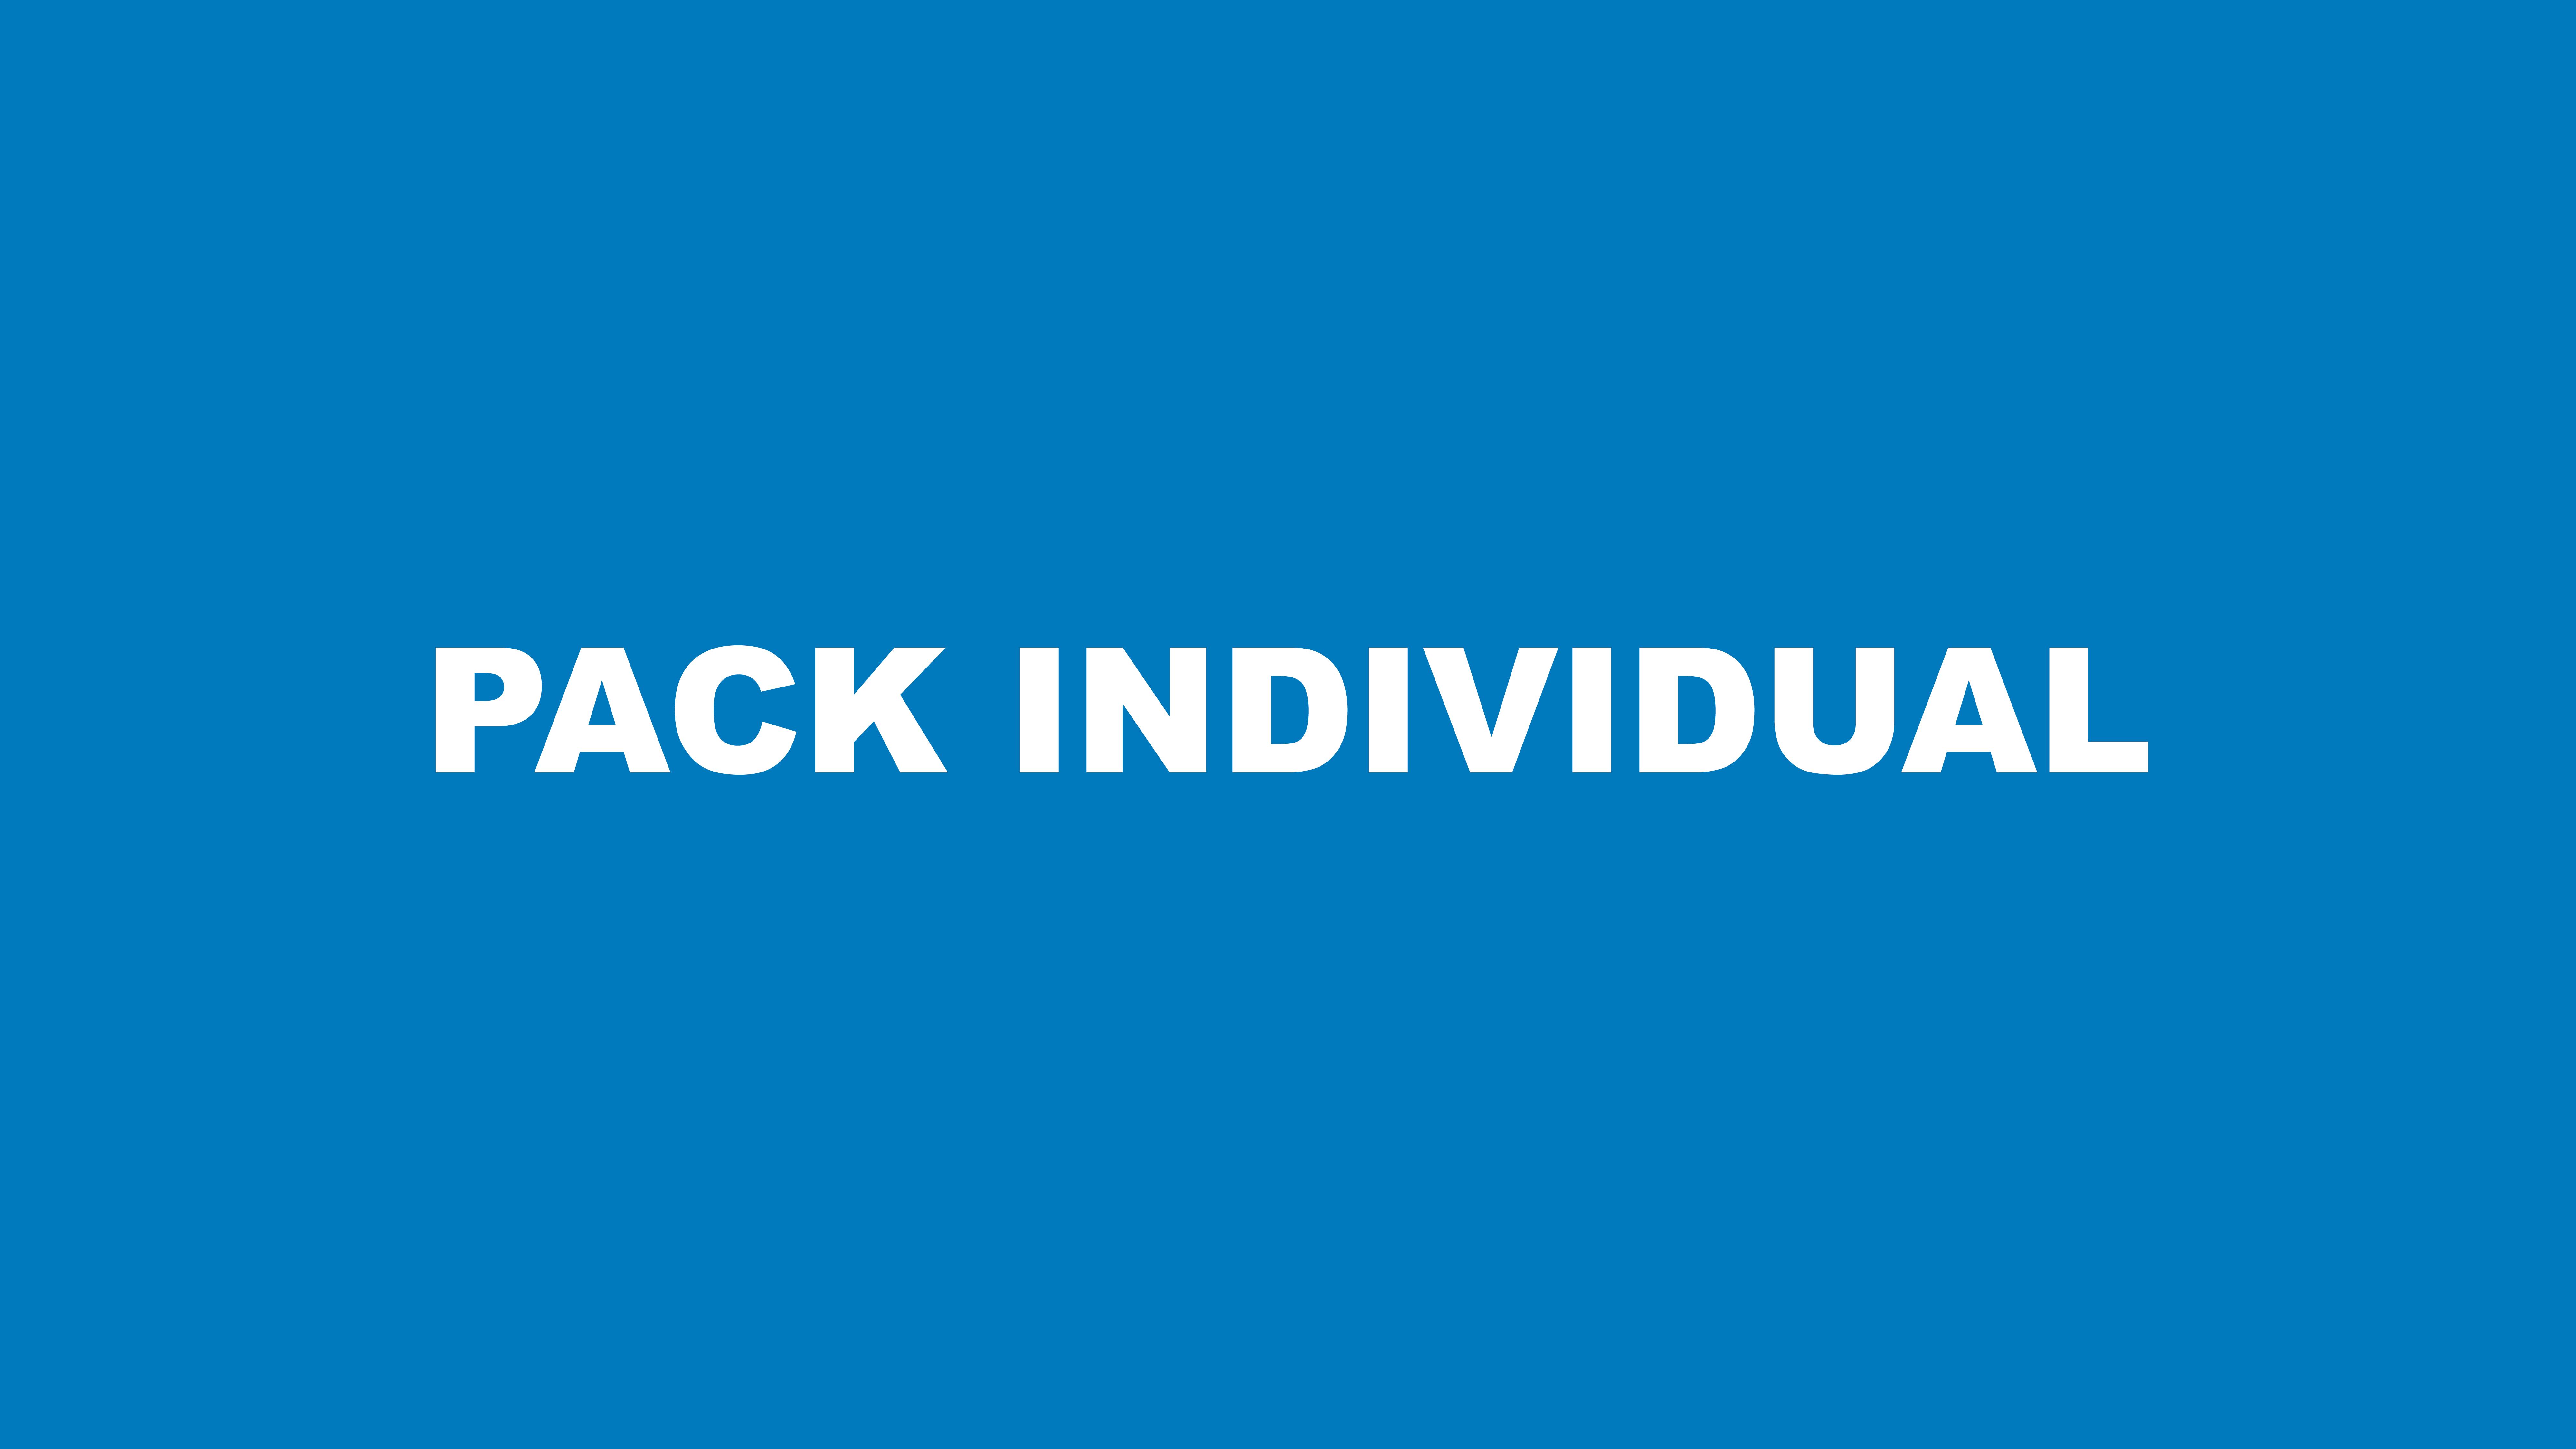 Pack Individual